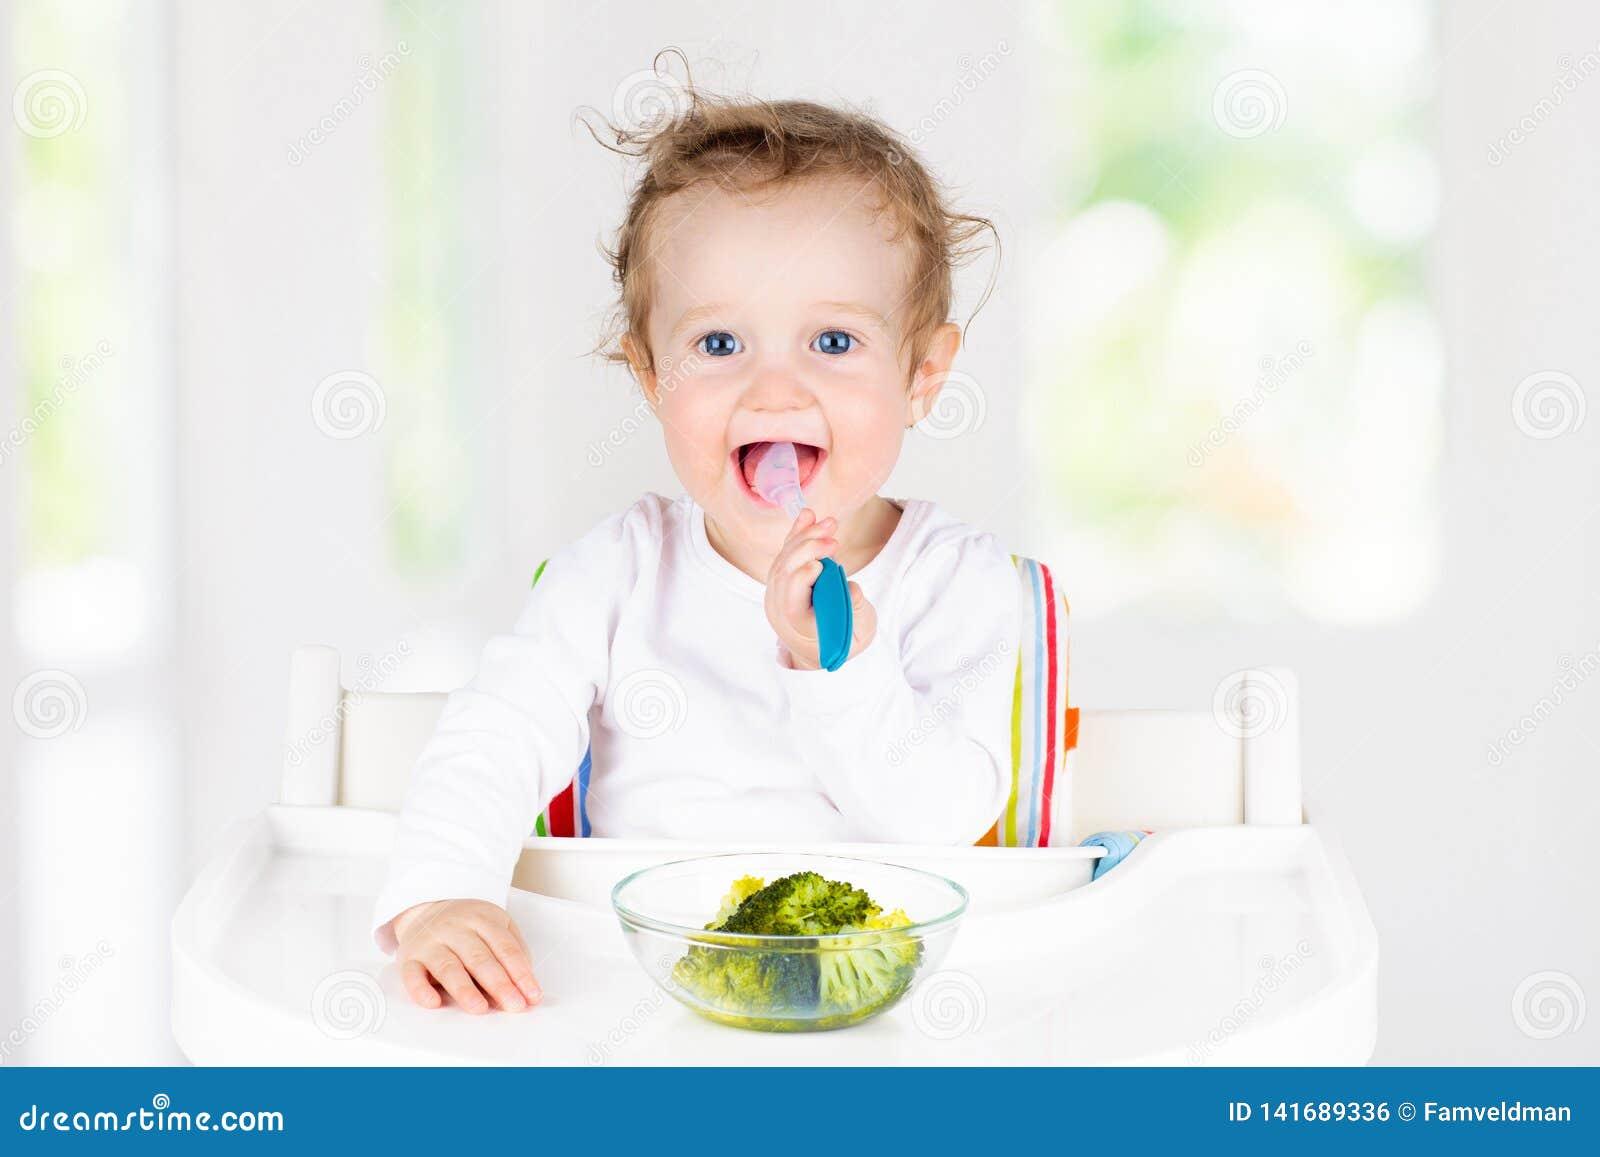 吃菜的婴孩 婴儿的坚实食物